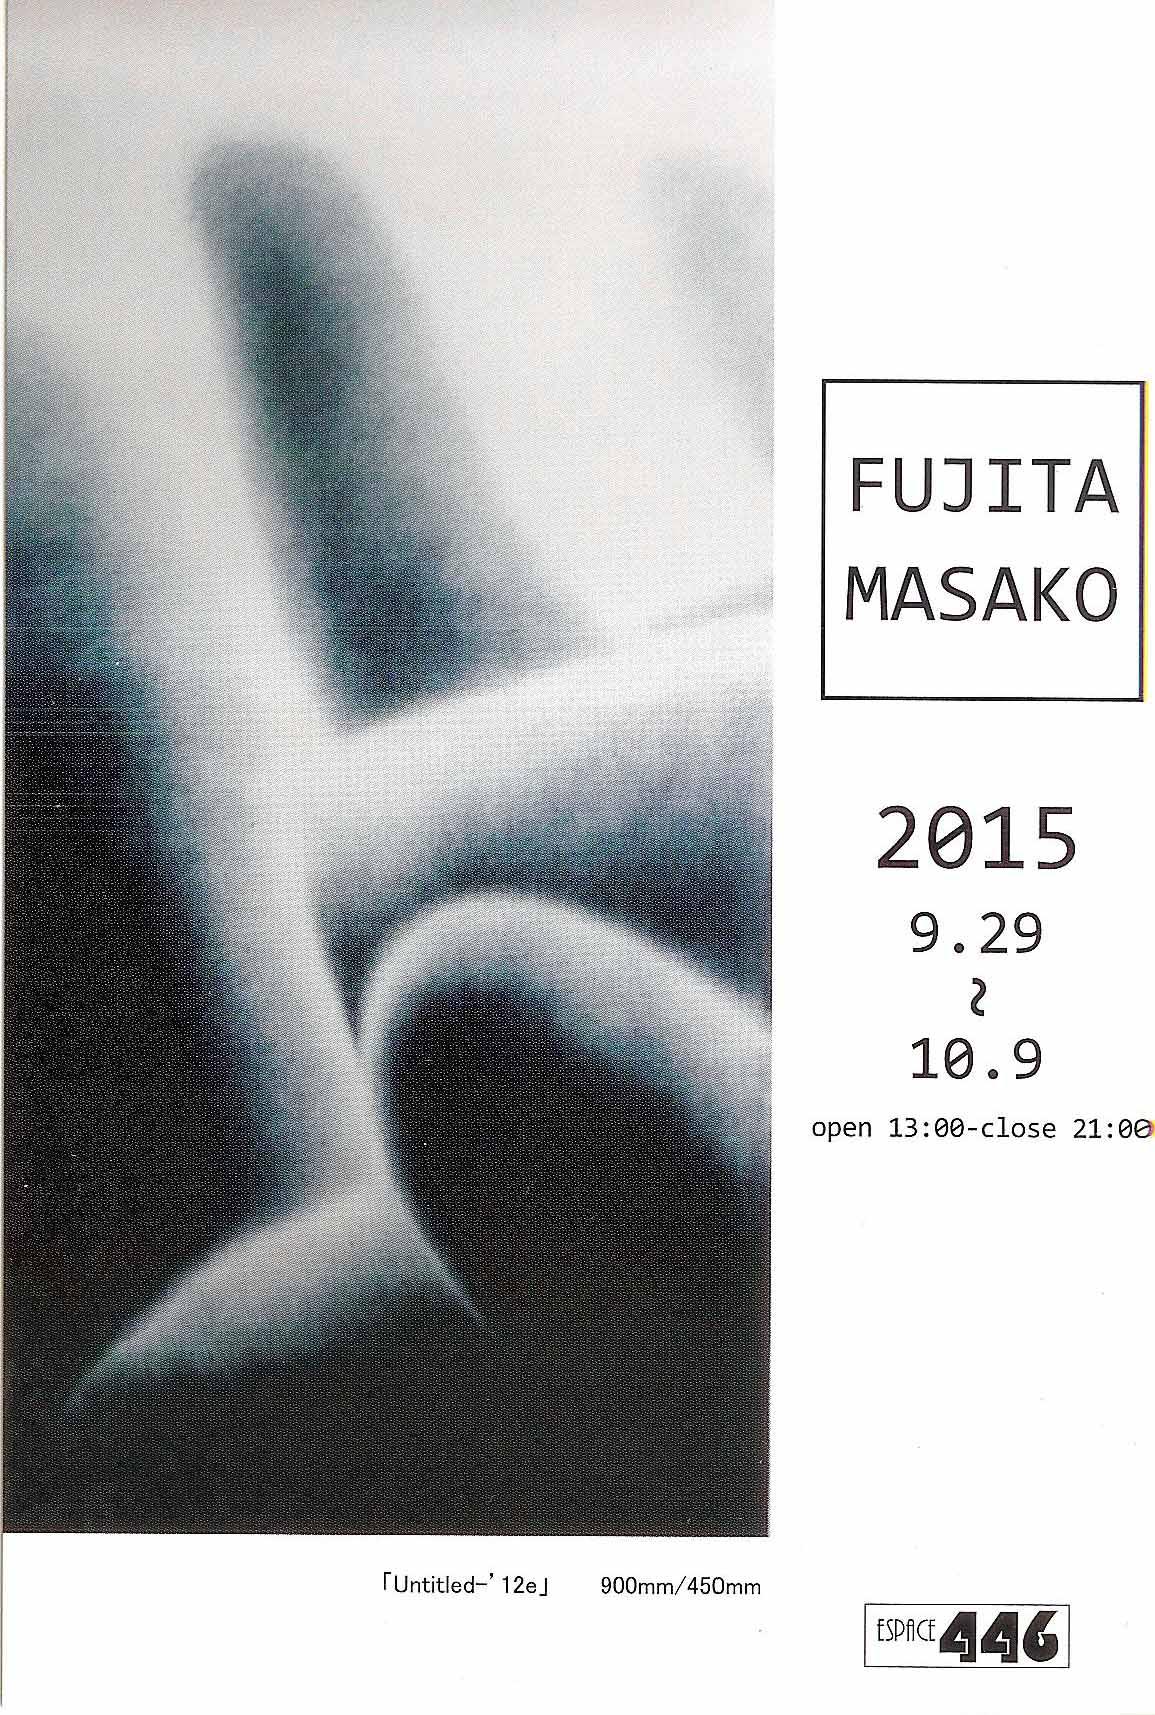 f.masako